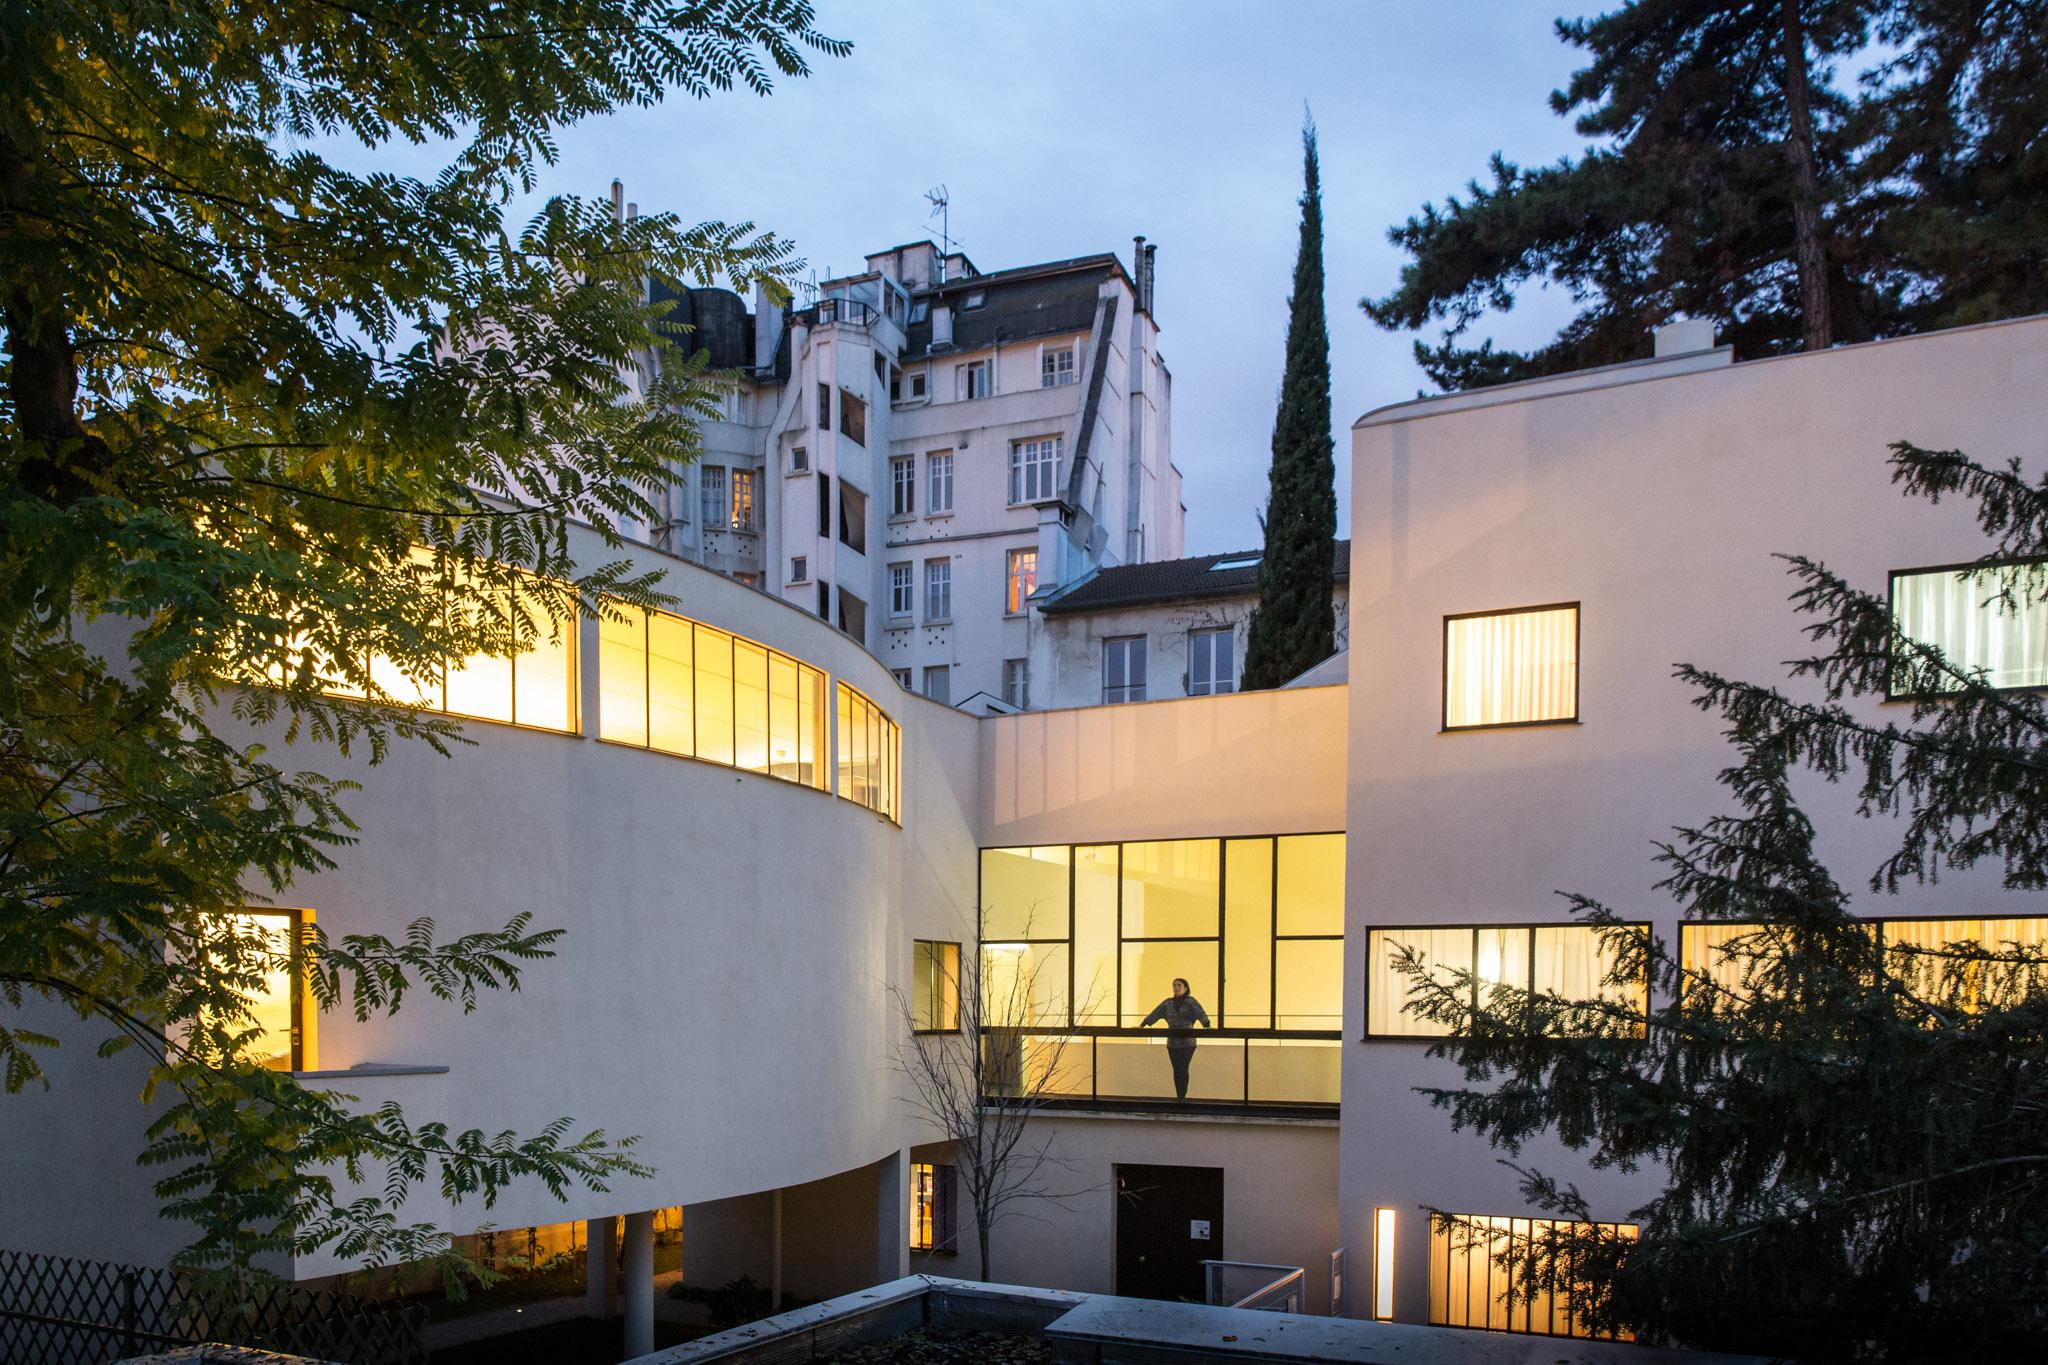 atelier_artiste_paris_art_nuit_architecture_le_corbusier_manolo_mylonas